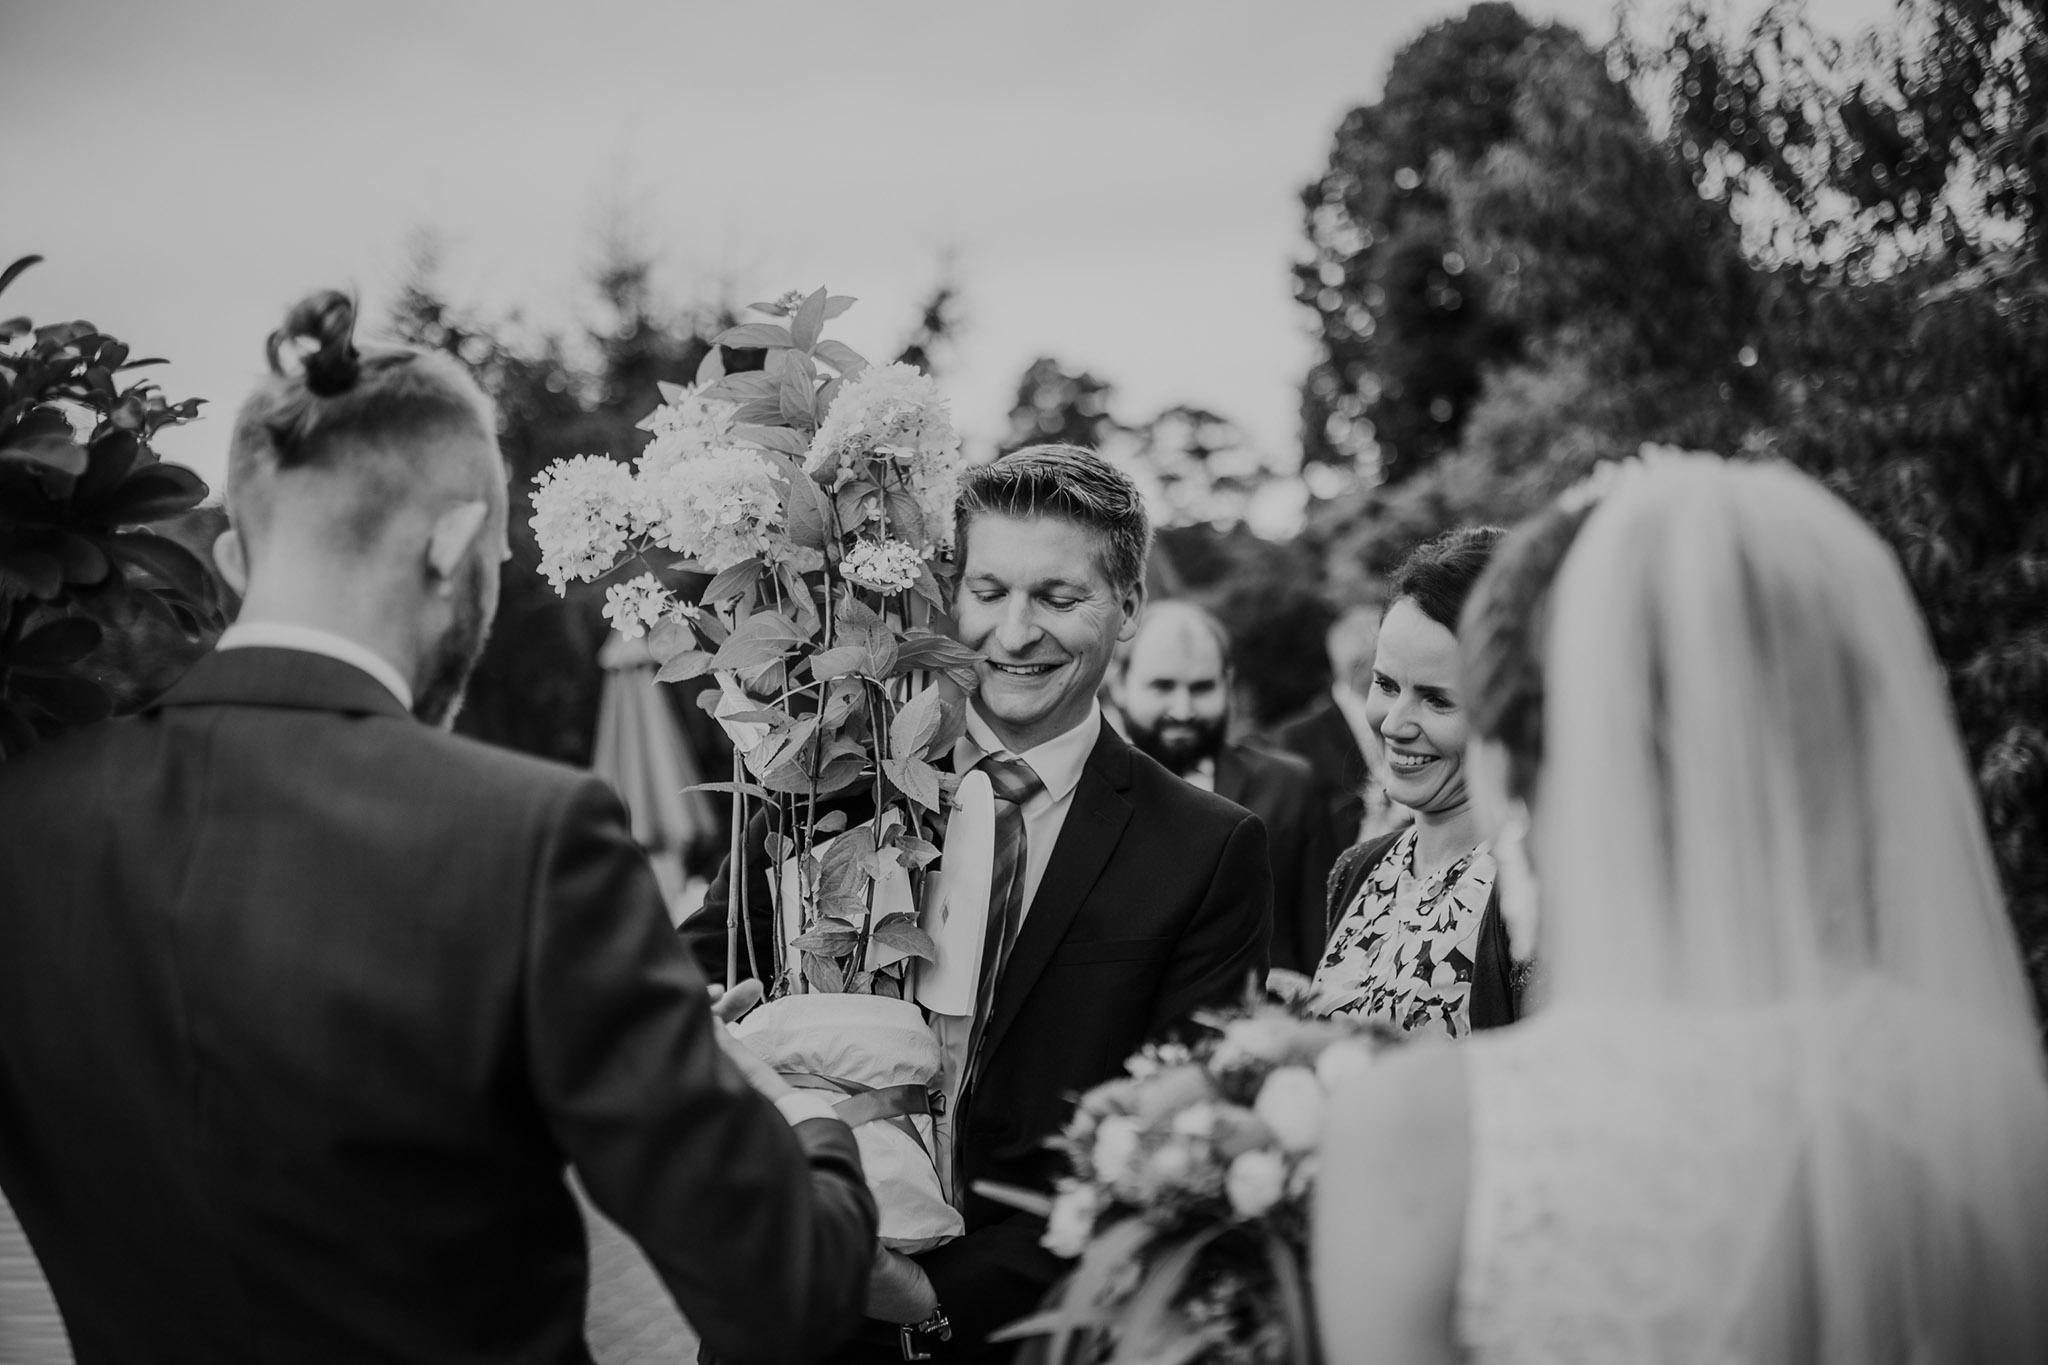 reportaż ślubny ślub puszcza notecka poznań kwiejce leśny dworek